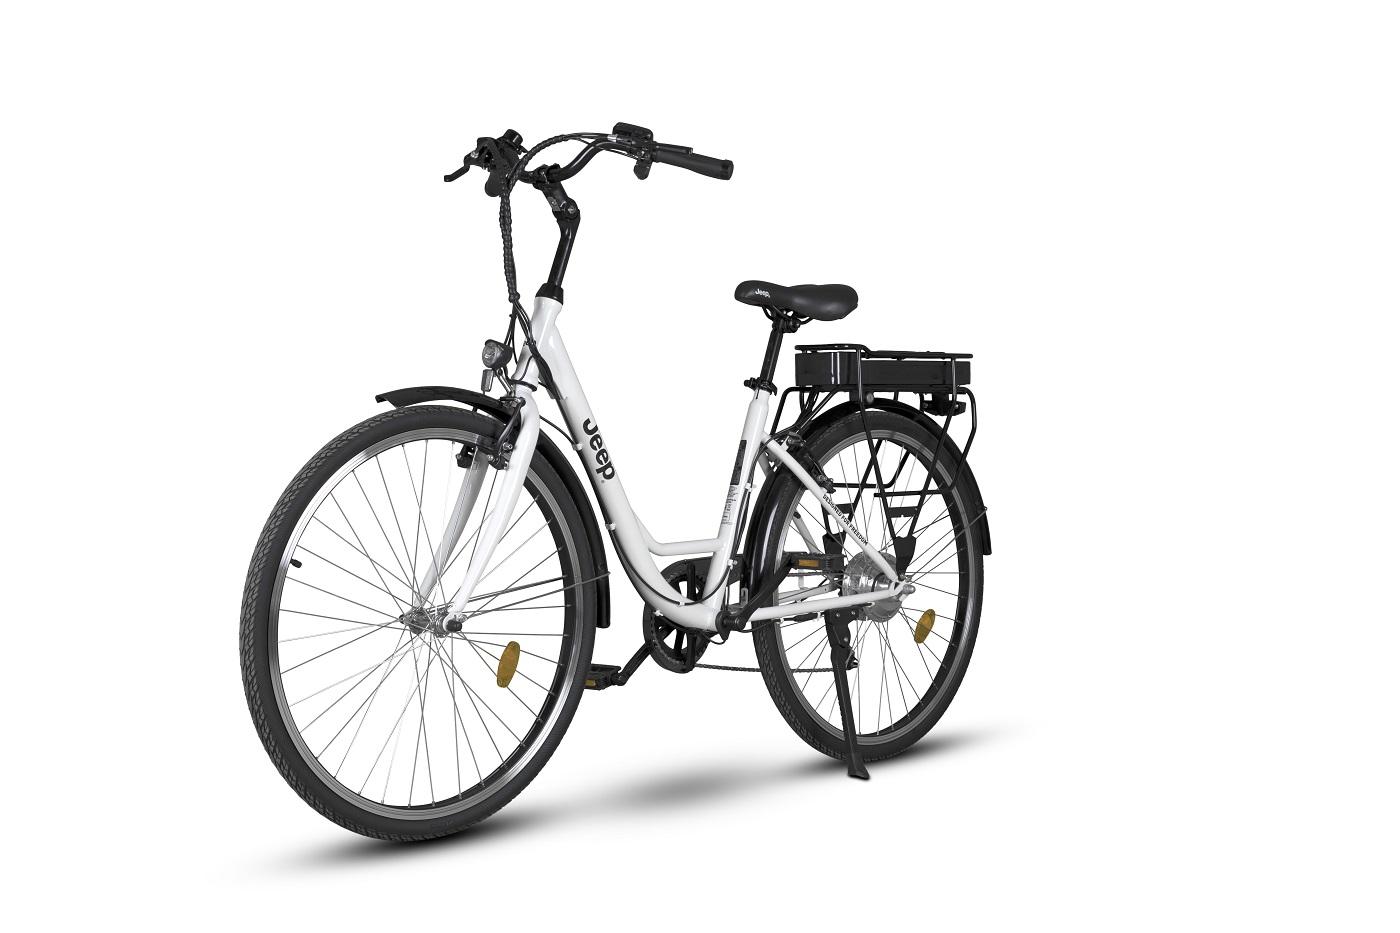 Das Jeep City E-Bike ECR 3001 steht für elegantes Design und attraktives Preis-Leistungsverhältnis.